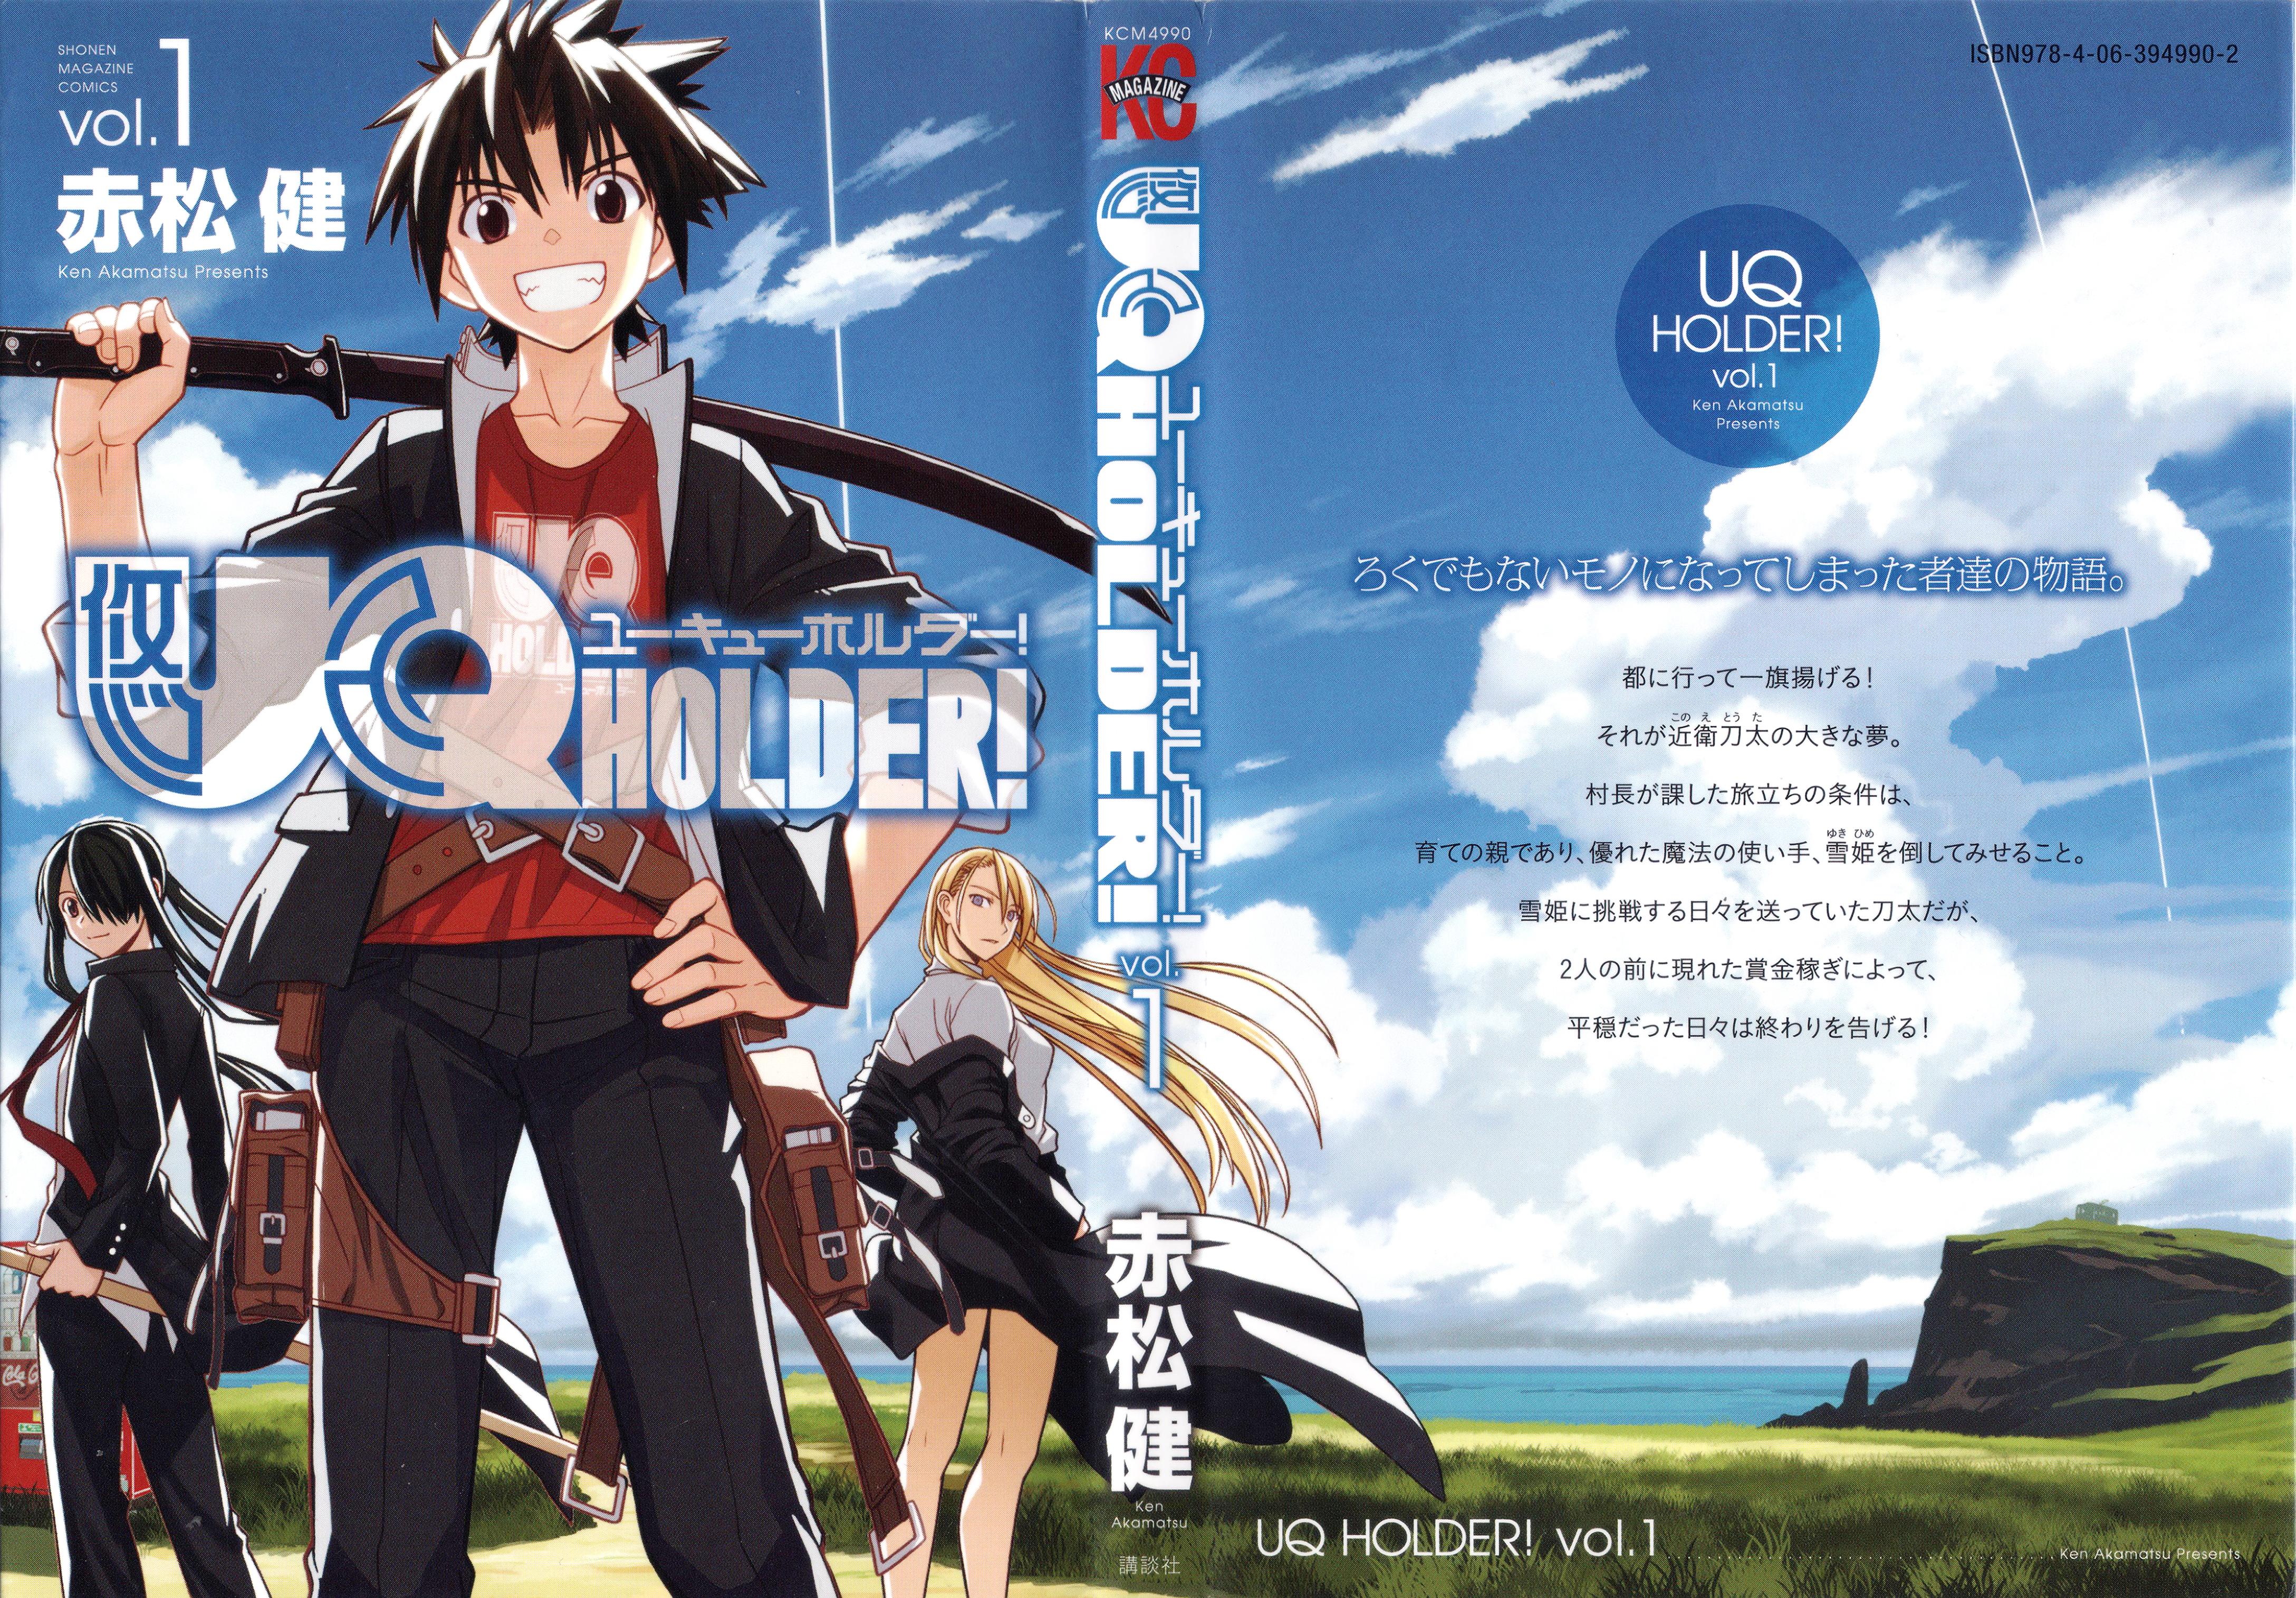 UQ HOLDER! - Vol.2 (Shonen Magazine Comics) - Manga